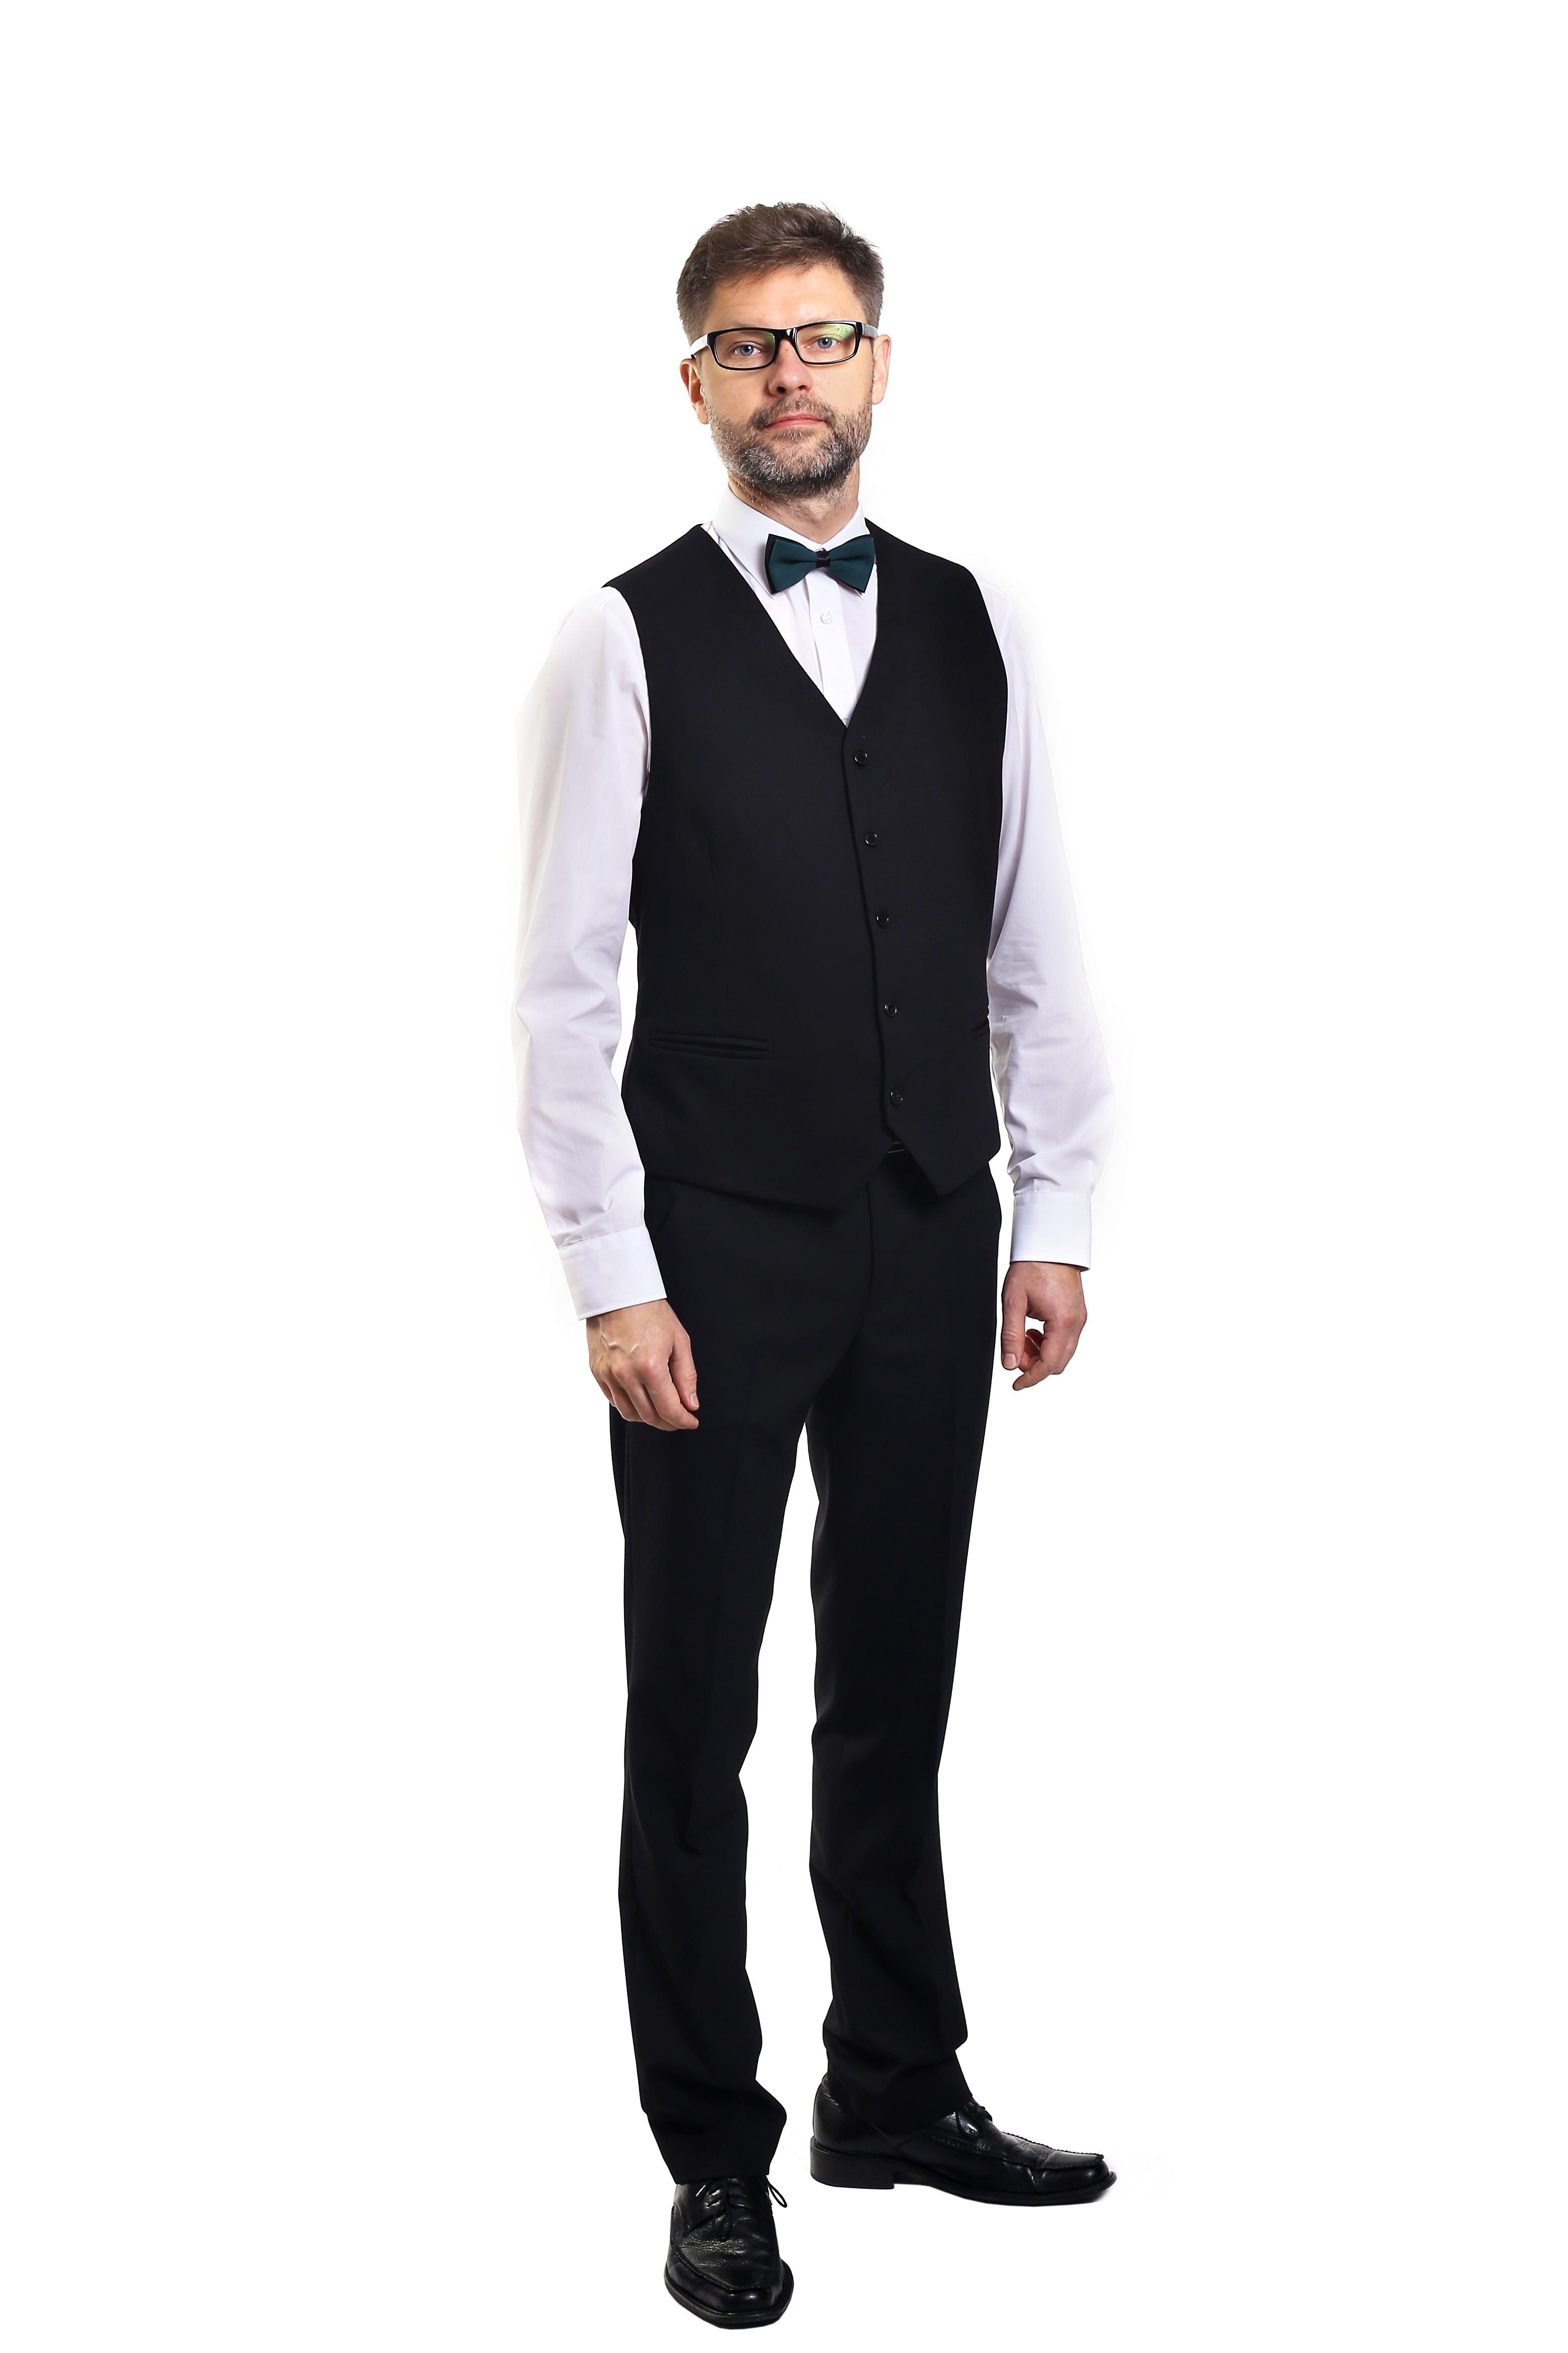 odziez hotelowa meska obsłuhga gosci klienta recepcja SPA kierownik restauracja